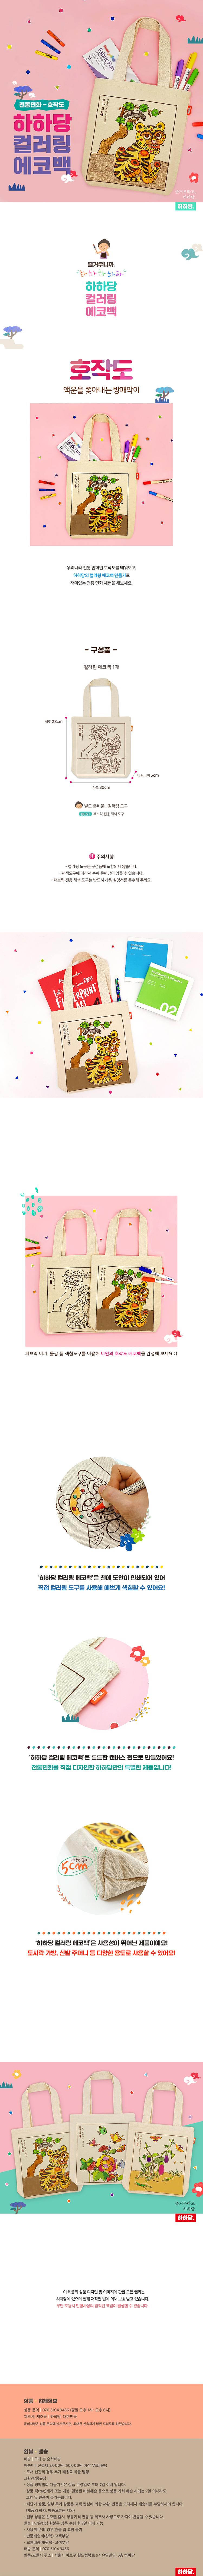 민화 호작도 - 에코백 만들기 - 하하당, 2,800원, 미술놀이, 미술교구